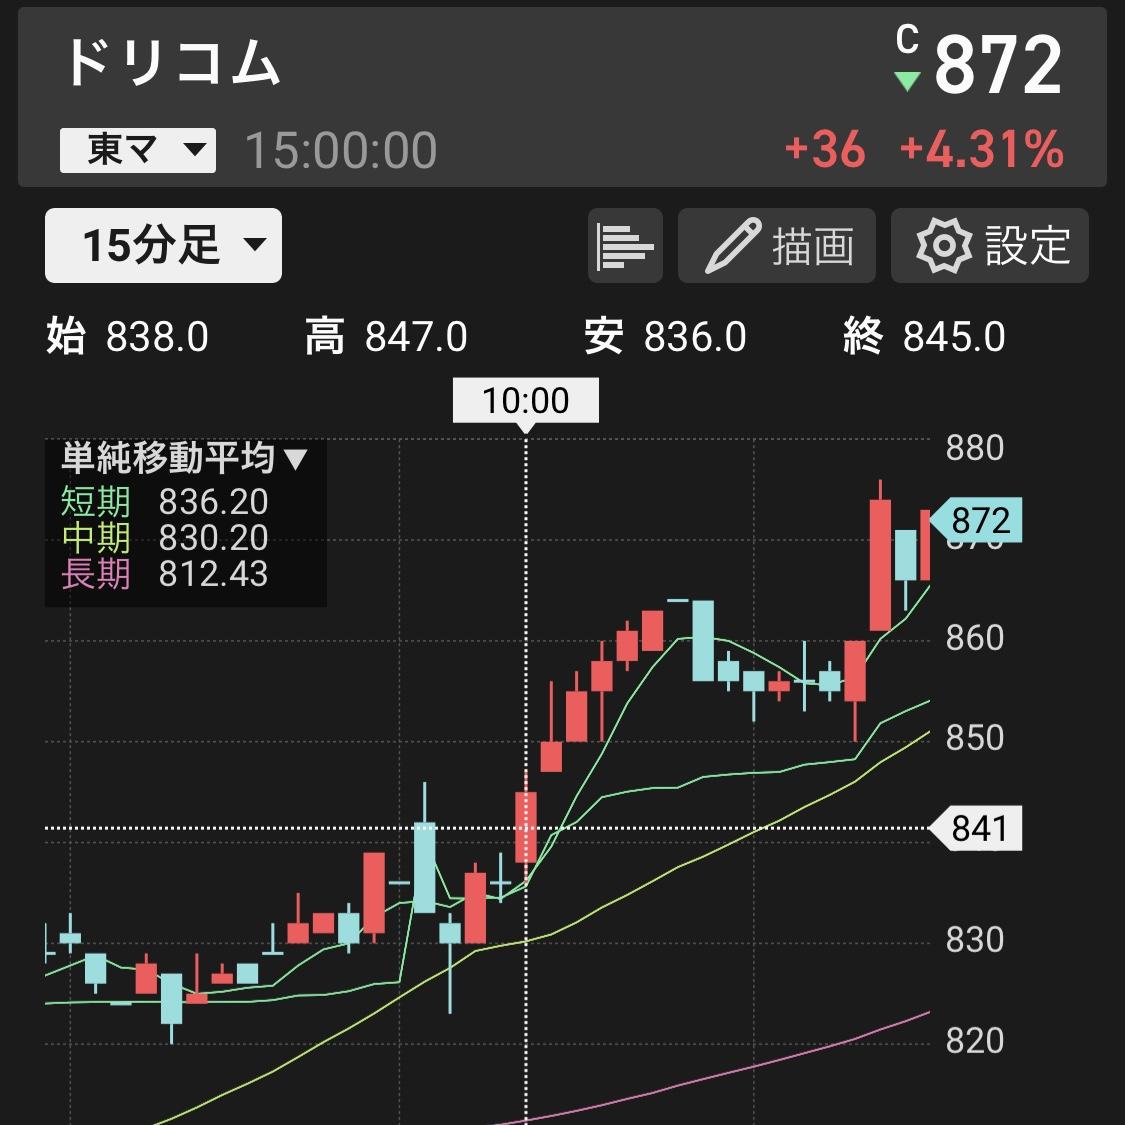 f:id:sakuya_golf:20210212215348j:plain